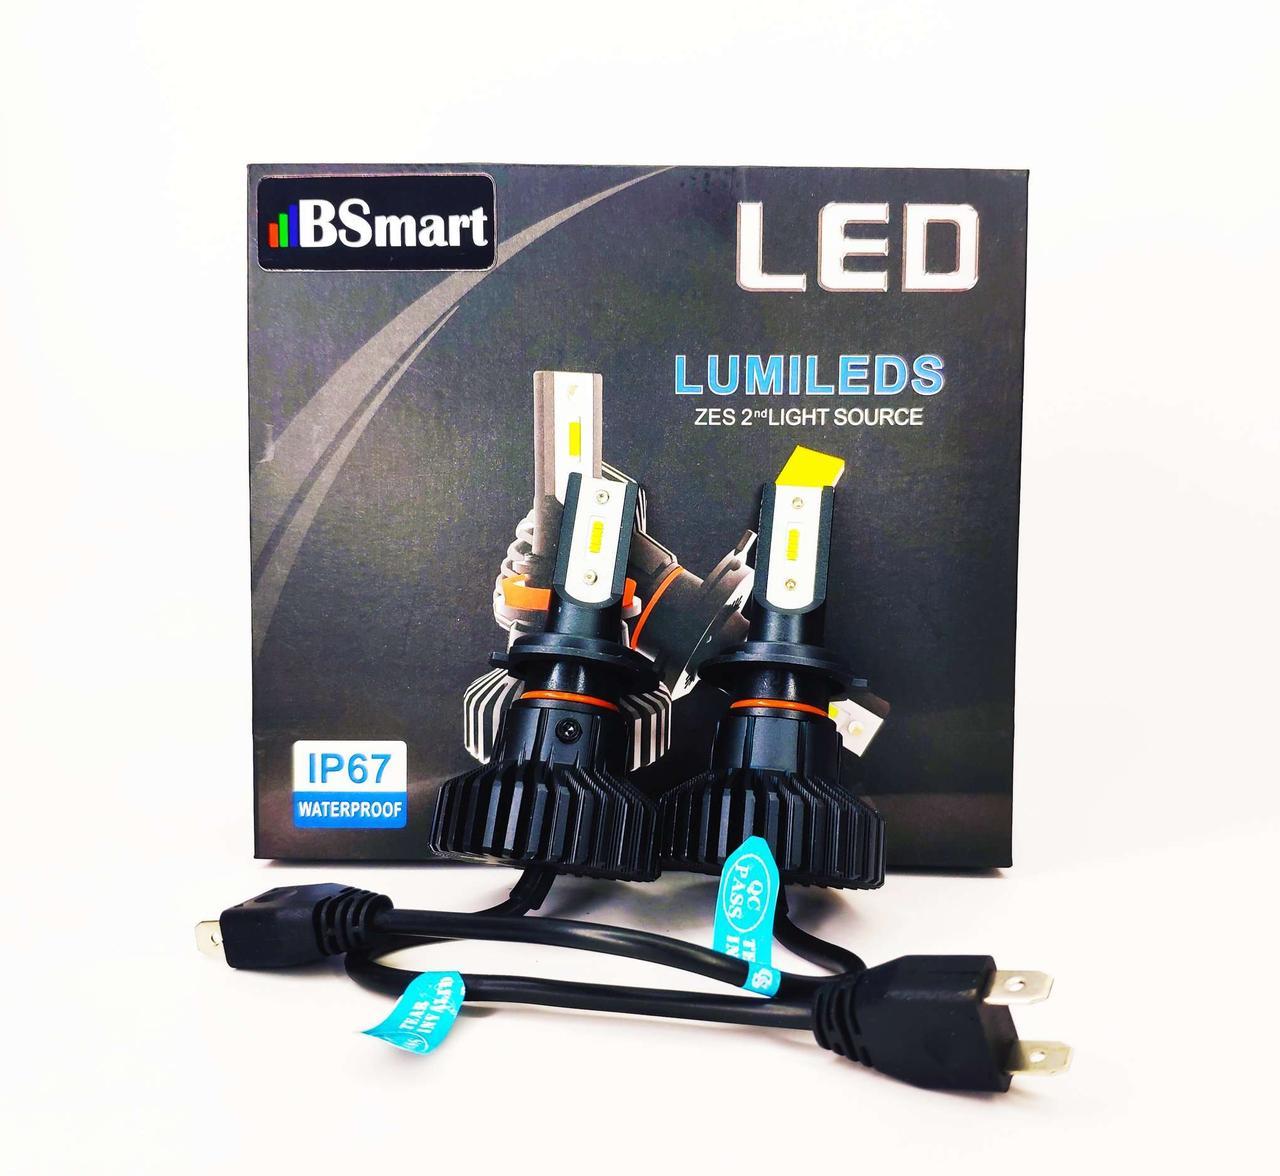 Светодиодные лед авто лампы BSmart Extra 5, H7, 50W, Luxeon Z ES, 9-36V